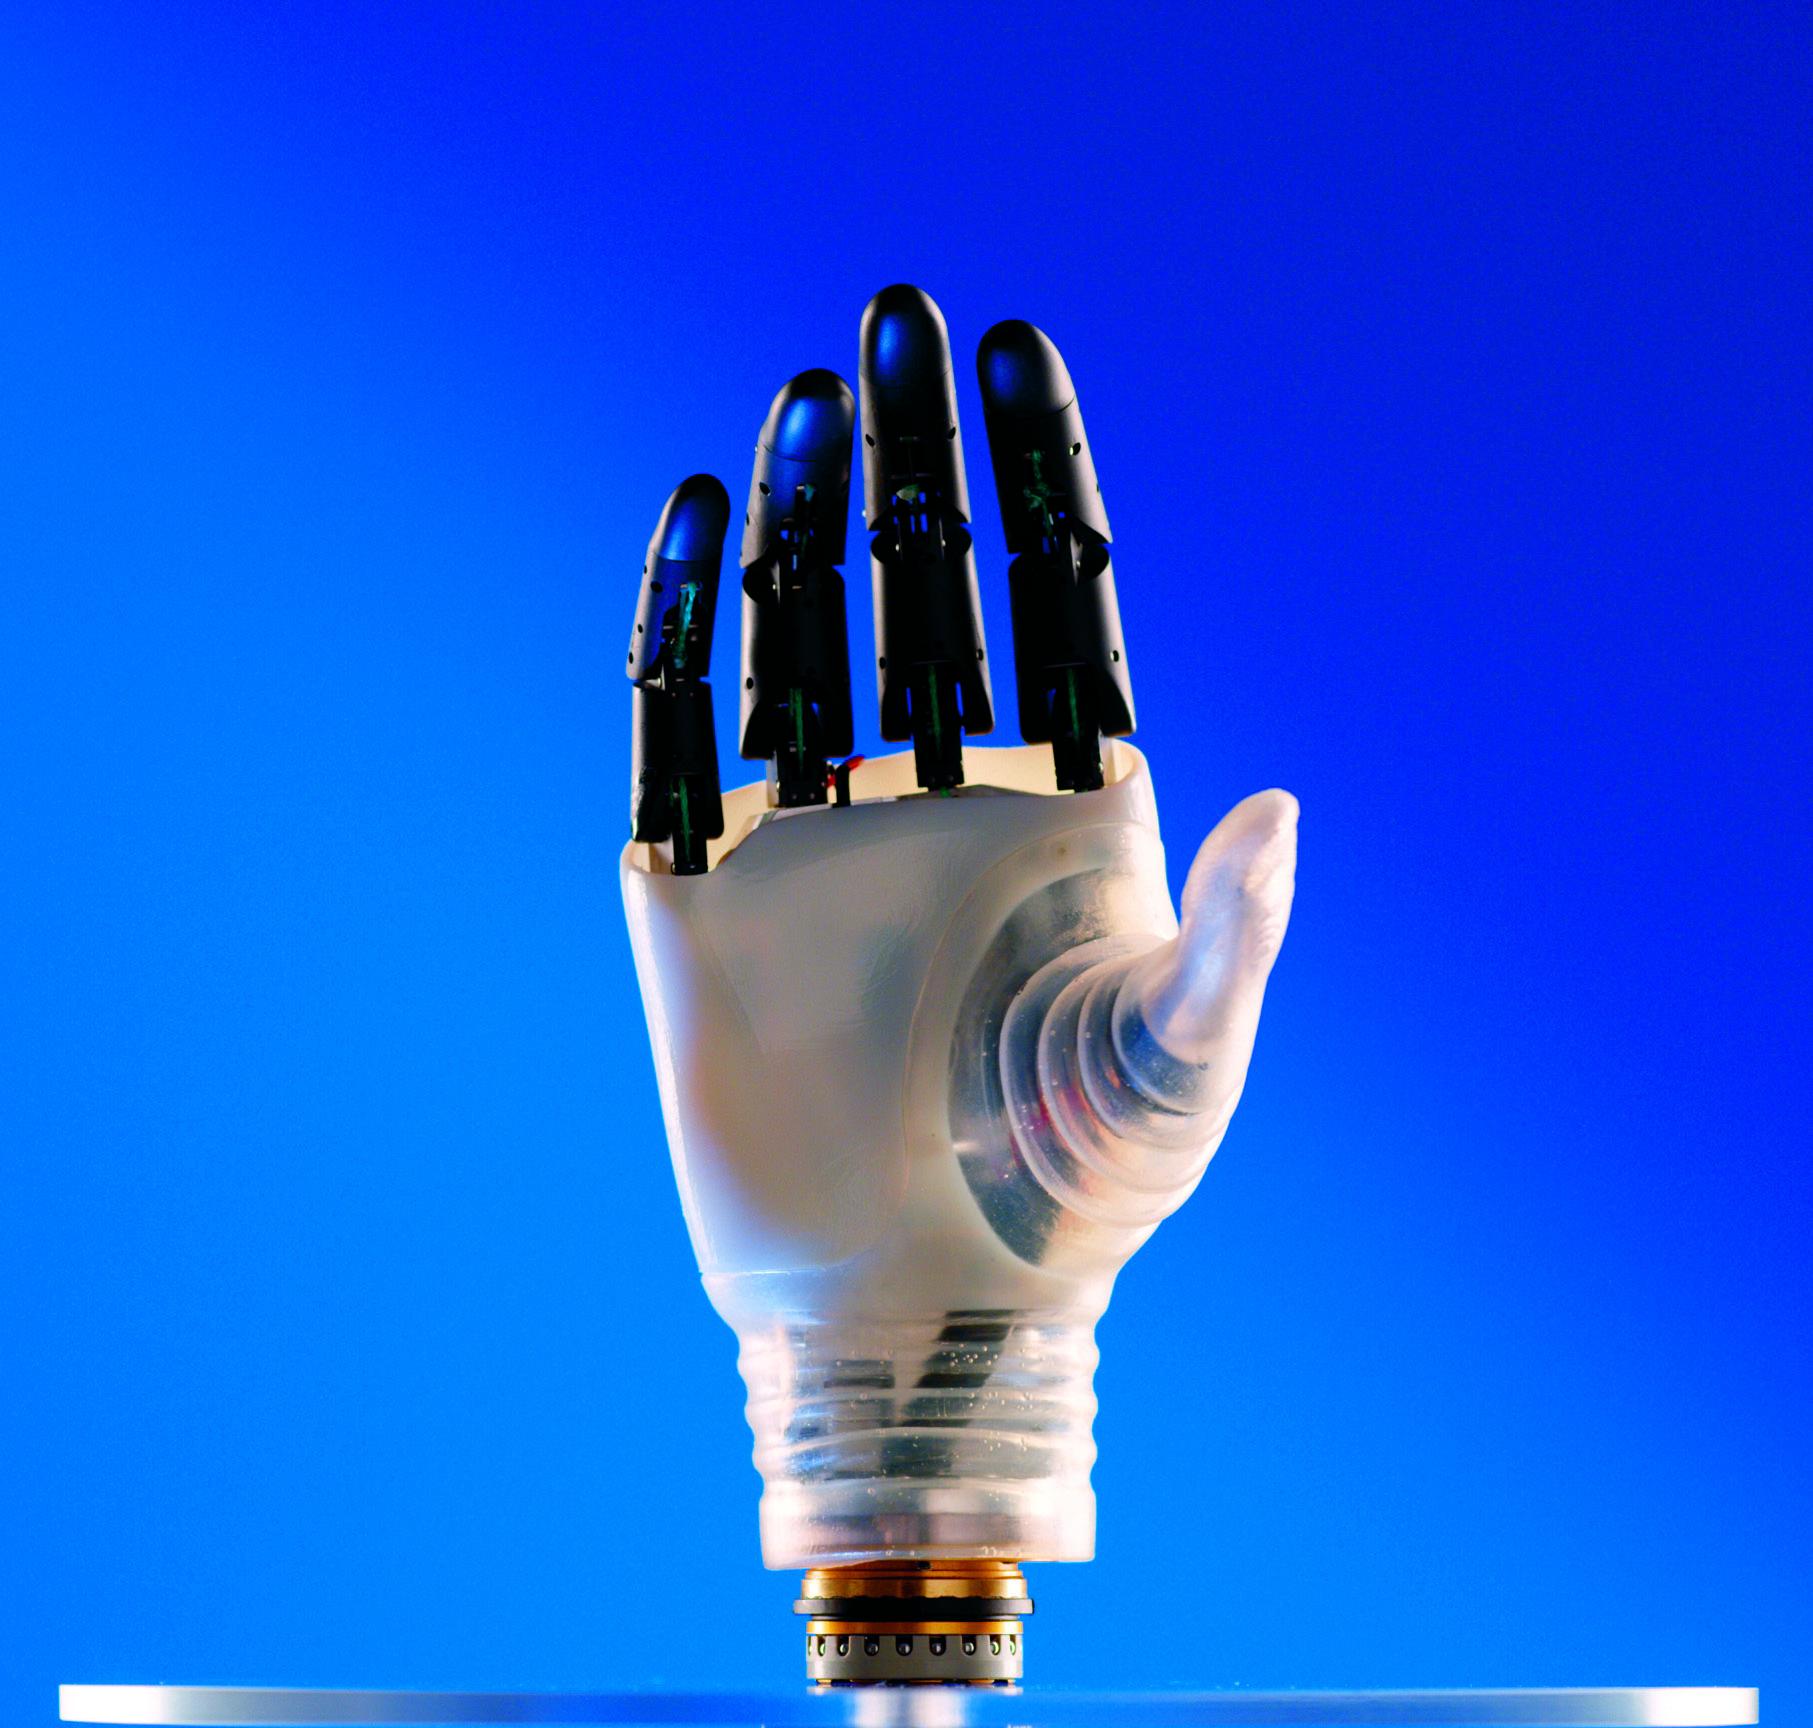 Hannes protesi di mano robotica sviluppata da IIT e INAIL, 2019. Genova, IIT Istituto Italiano di Tecnologia. © Istituto Italiano di Tecnologia